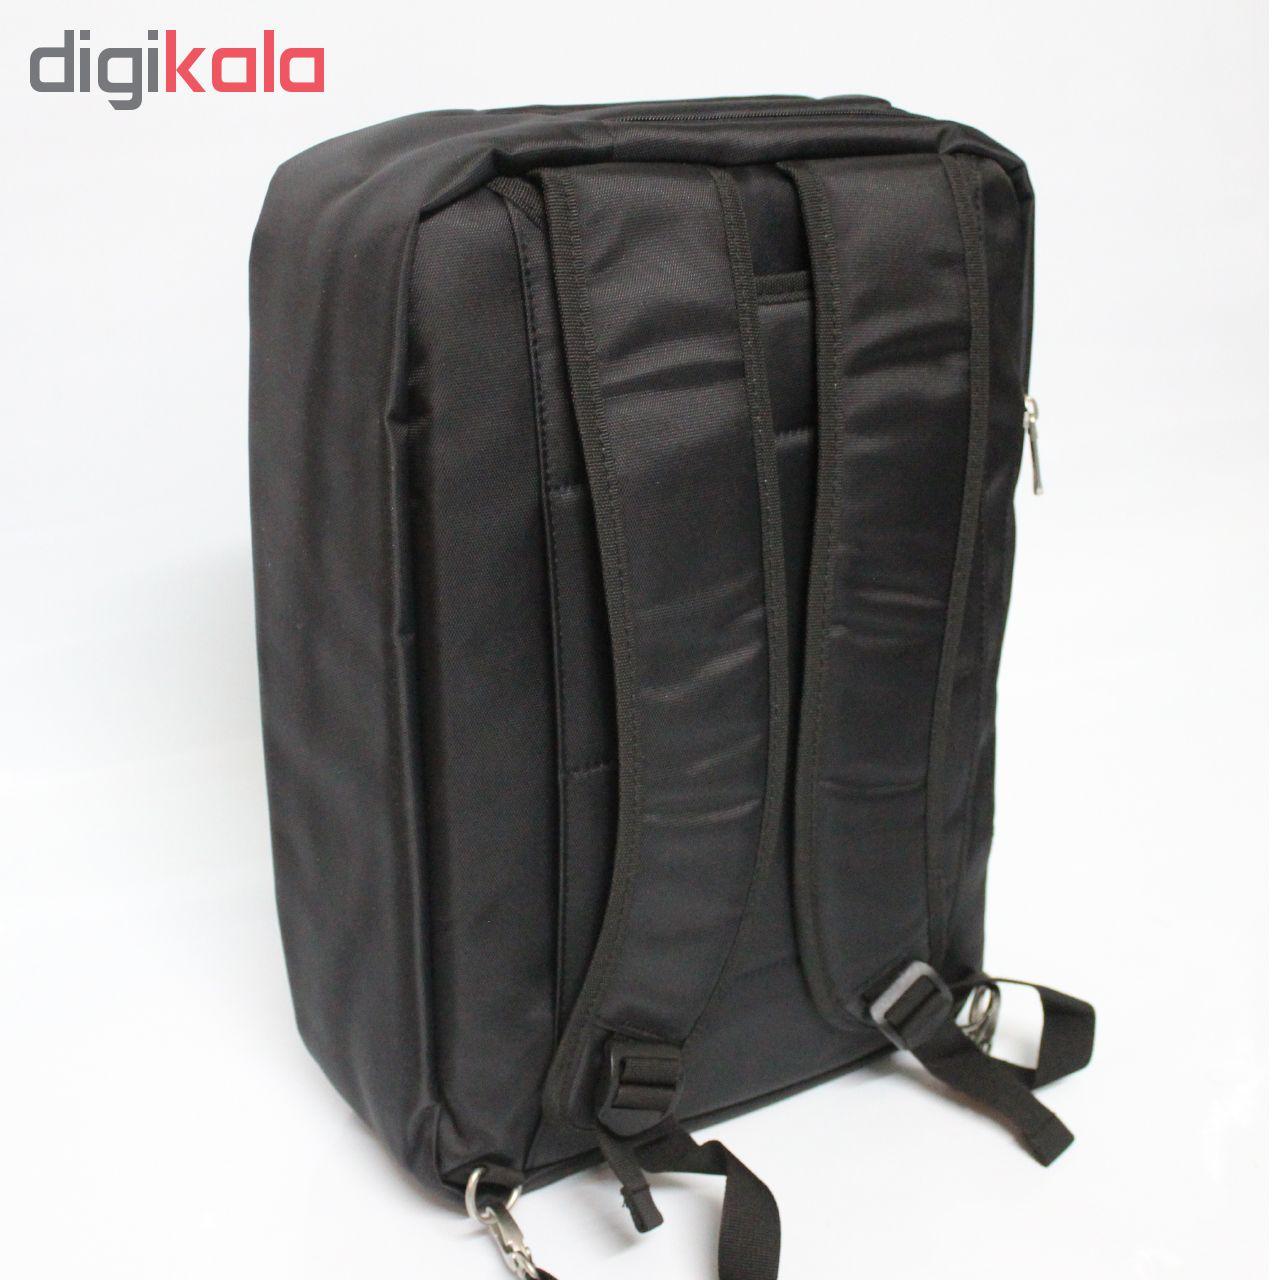 کیف لپ تاپ ویتا مدل LSMB7415 مناسب برای لپ تاپ 15 اینچی